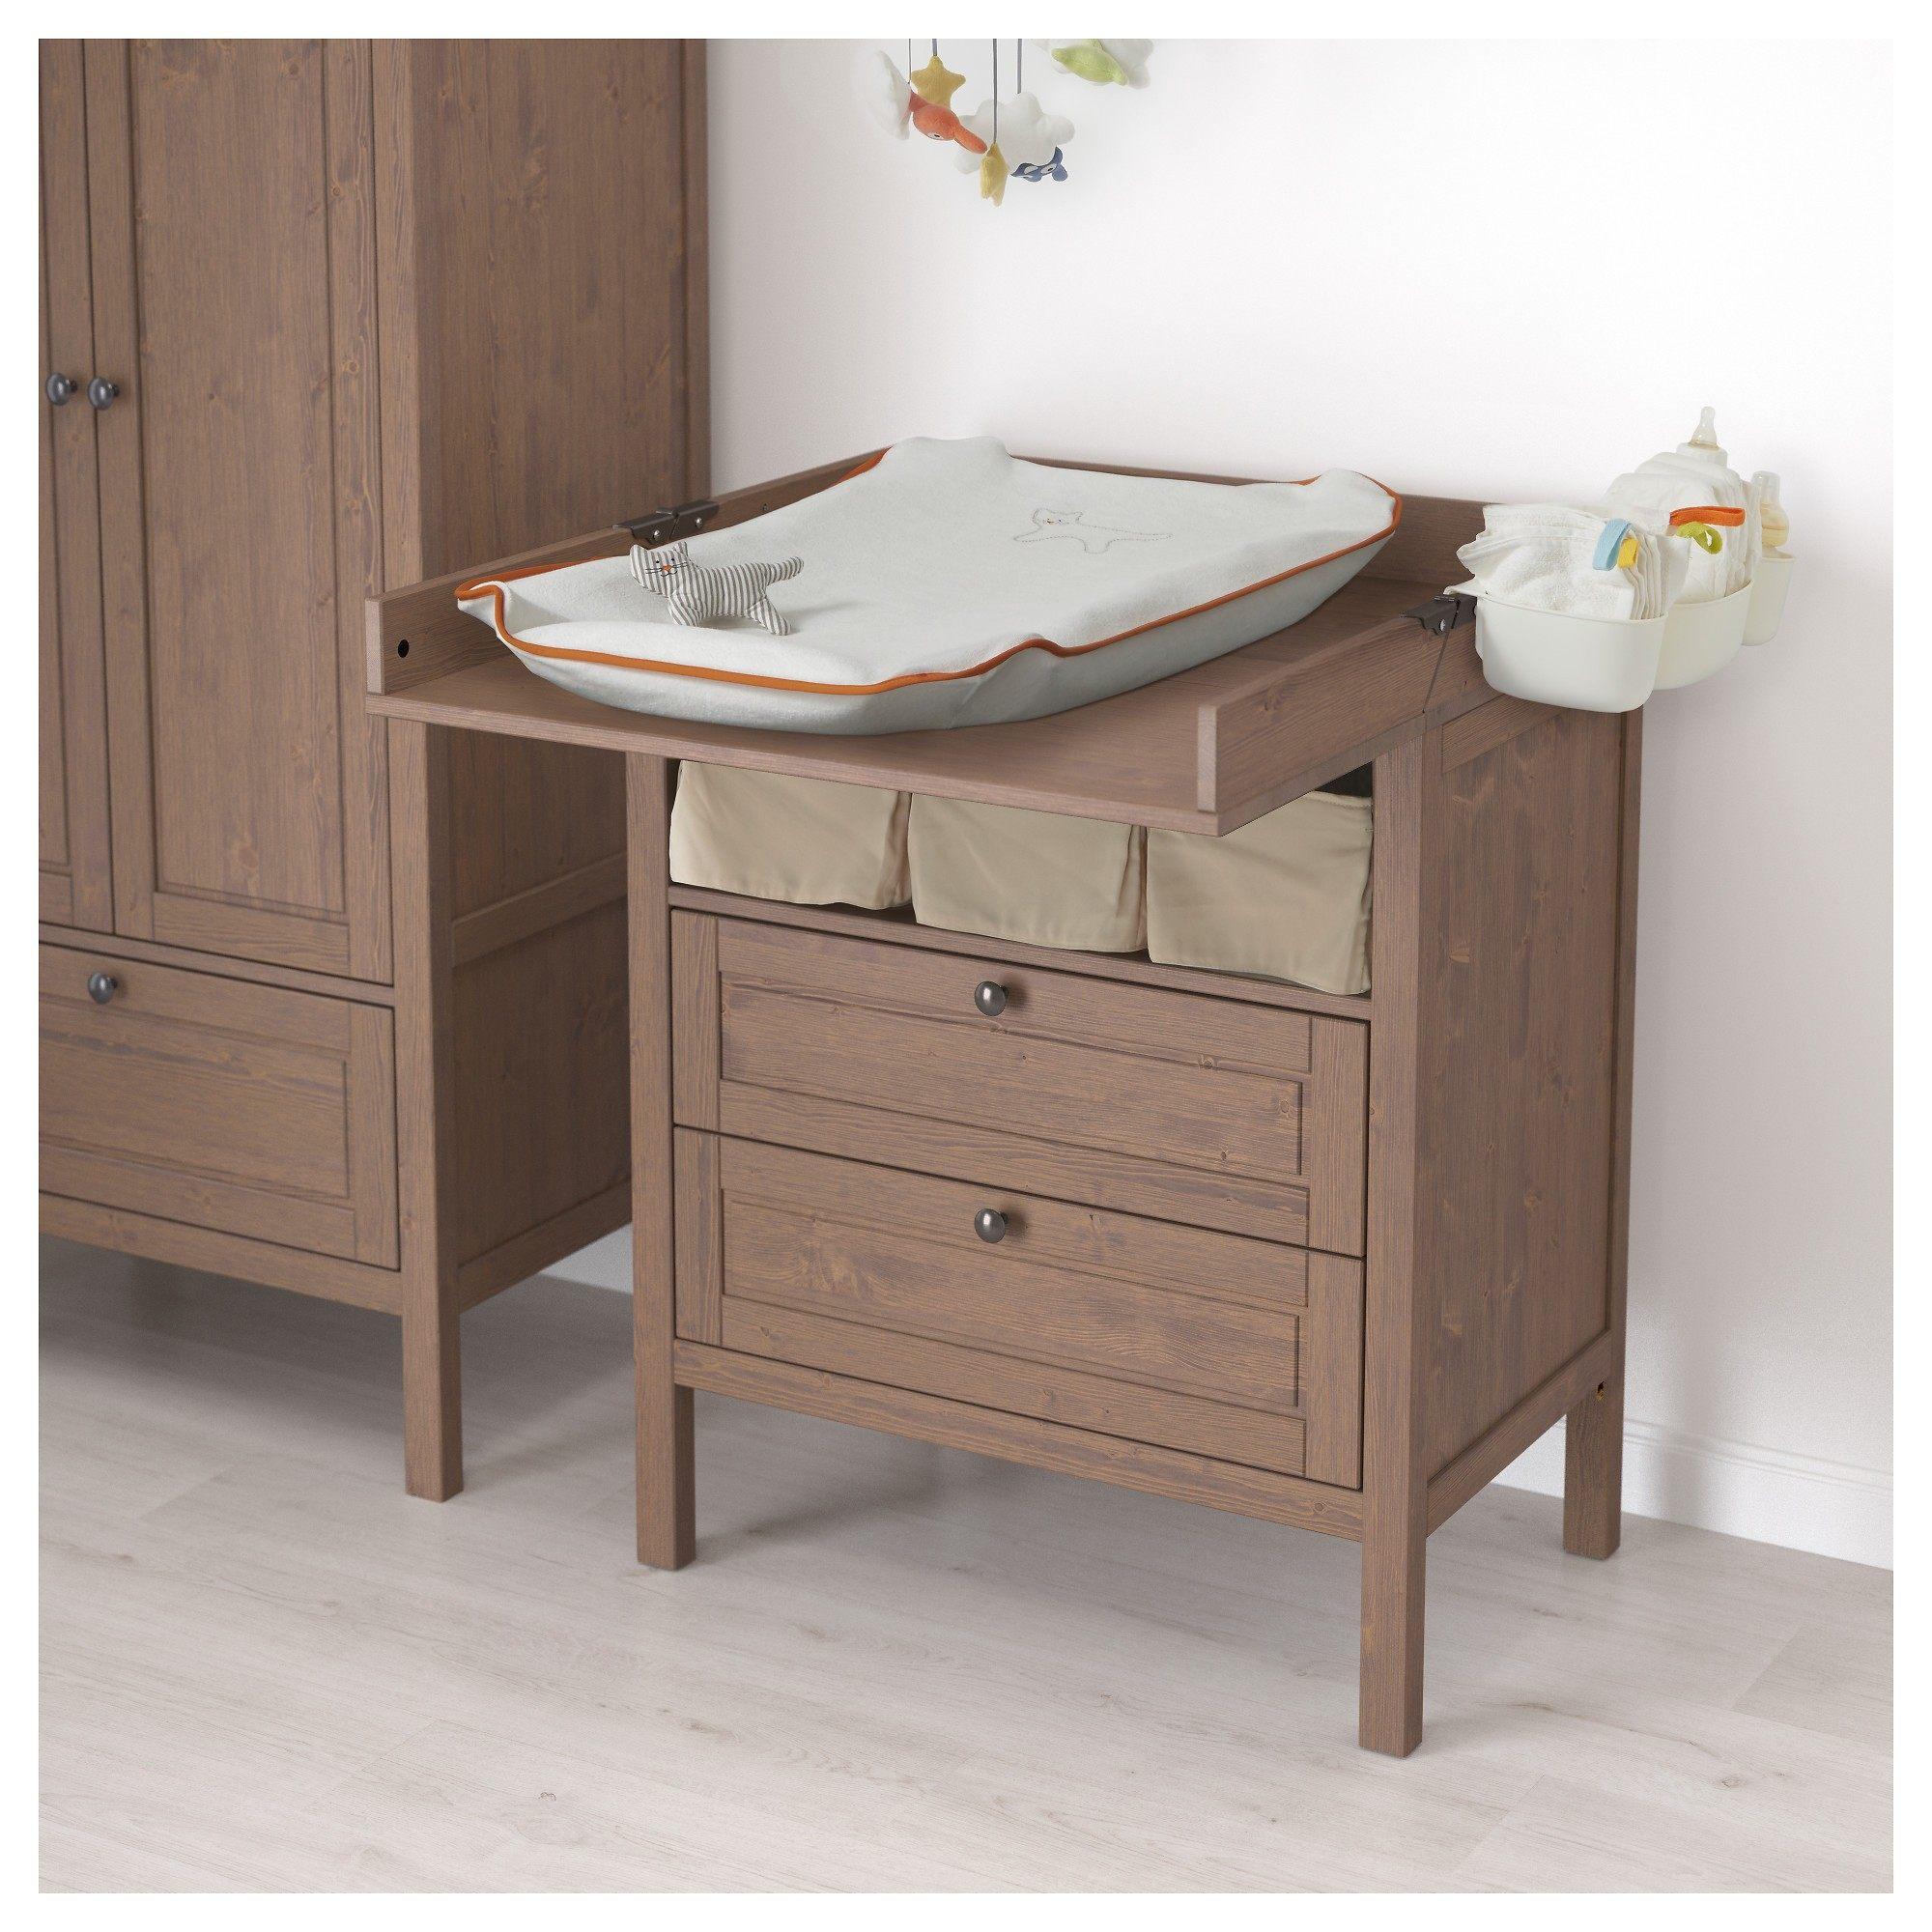 Lit Bebe Table A Langer Le Luxe Table  Langer Baignoire Luxury Table A Langer Ikea Pliable Simple